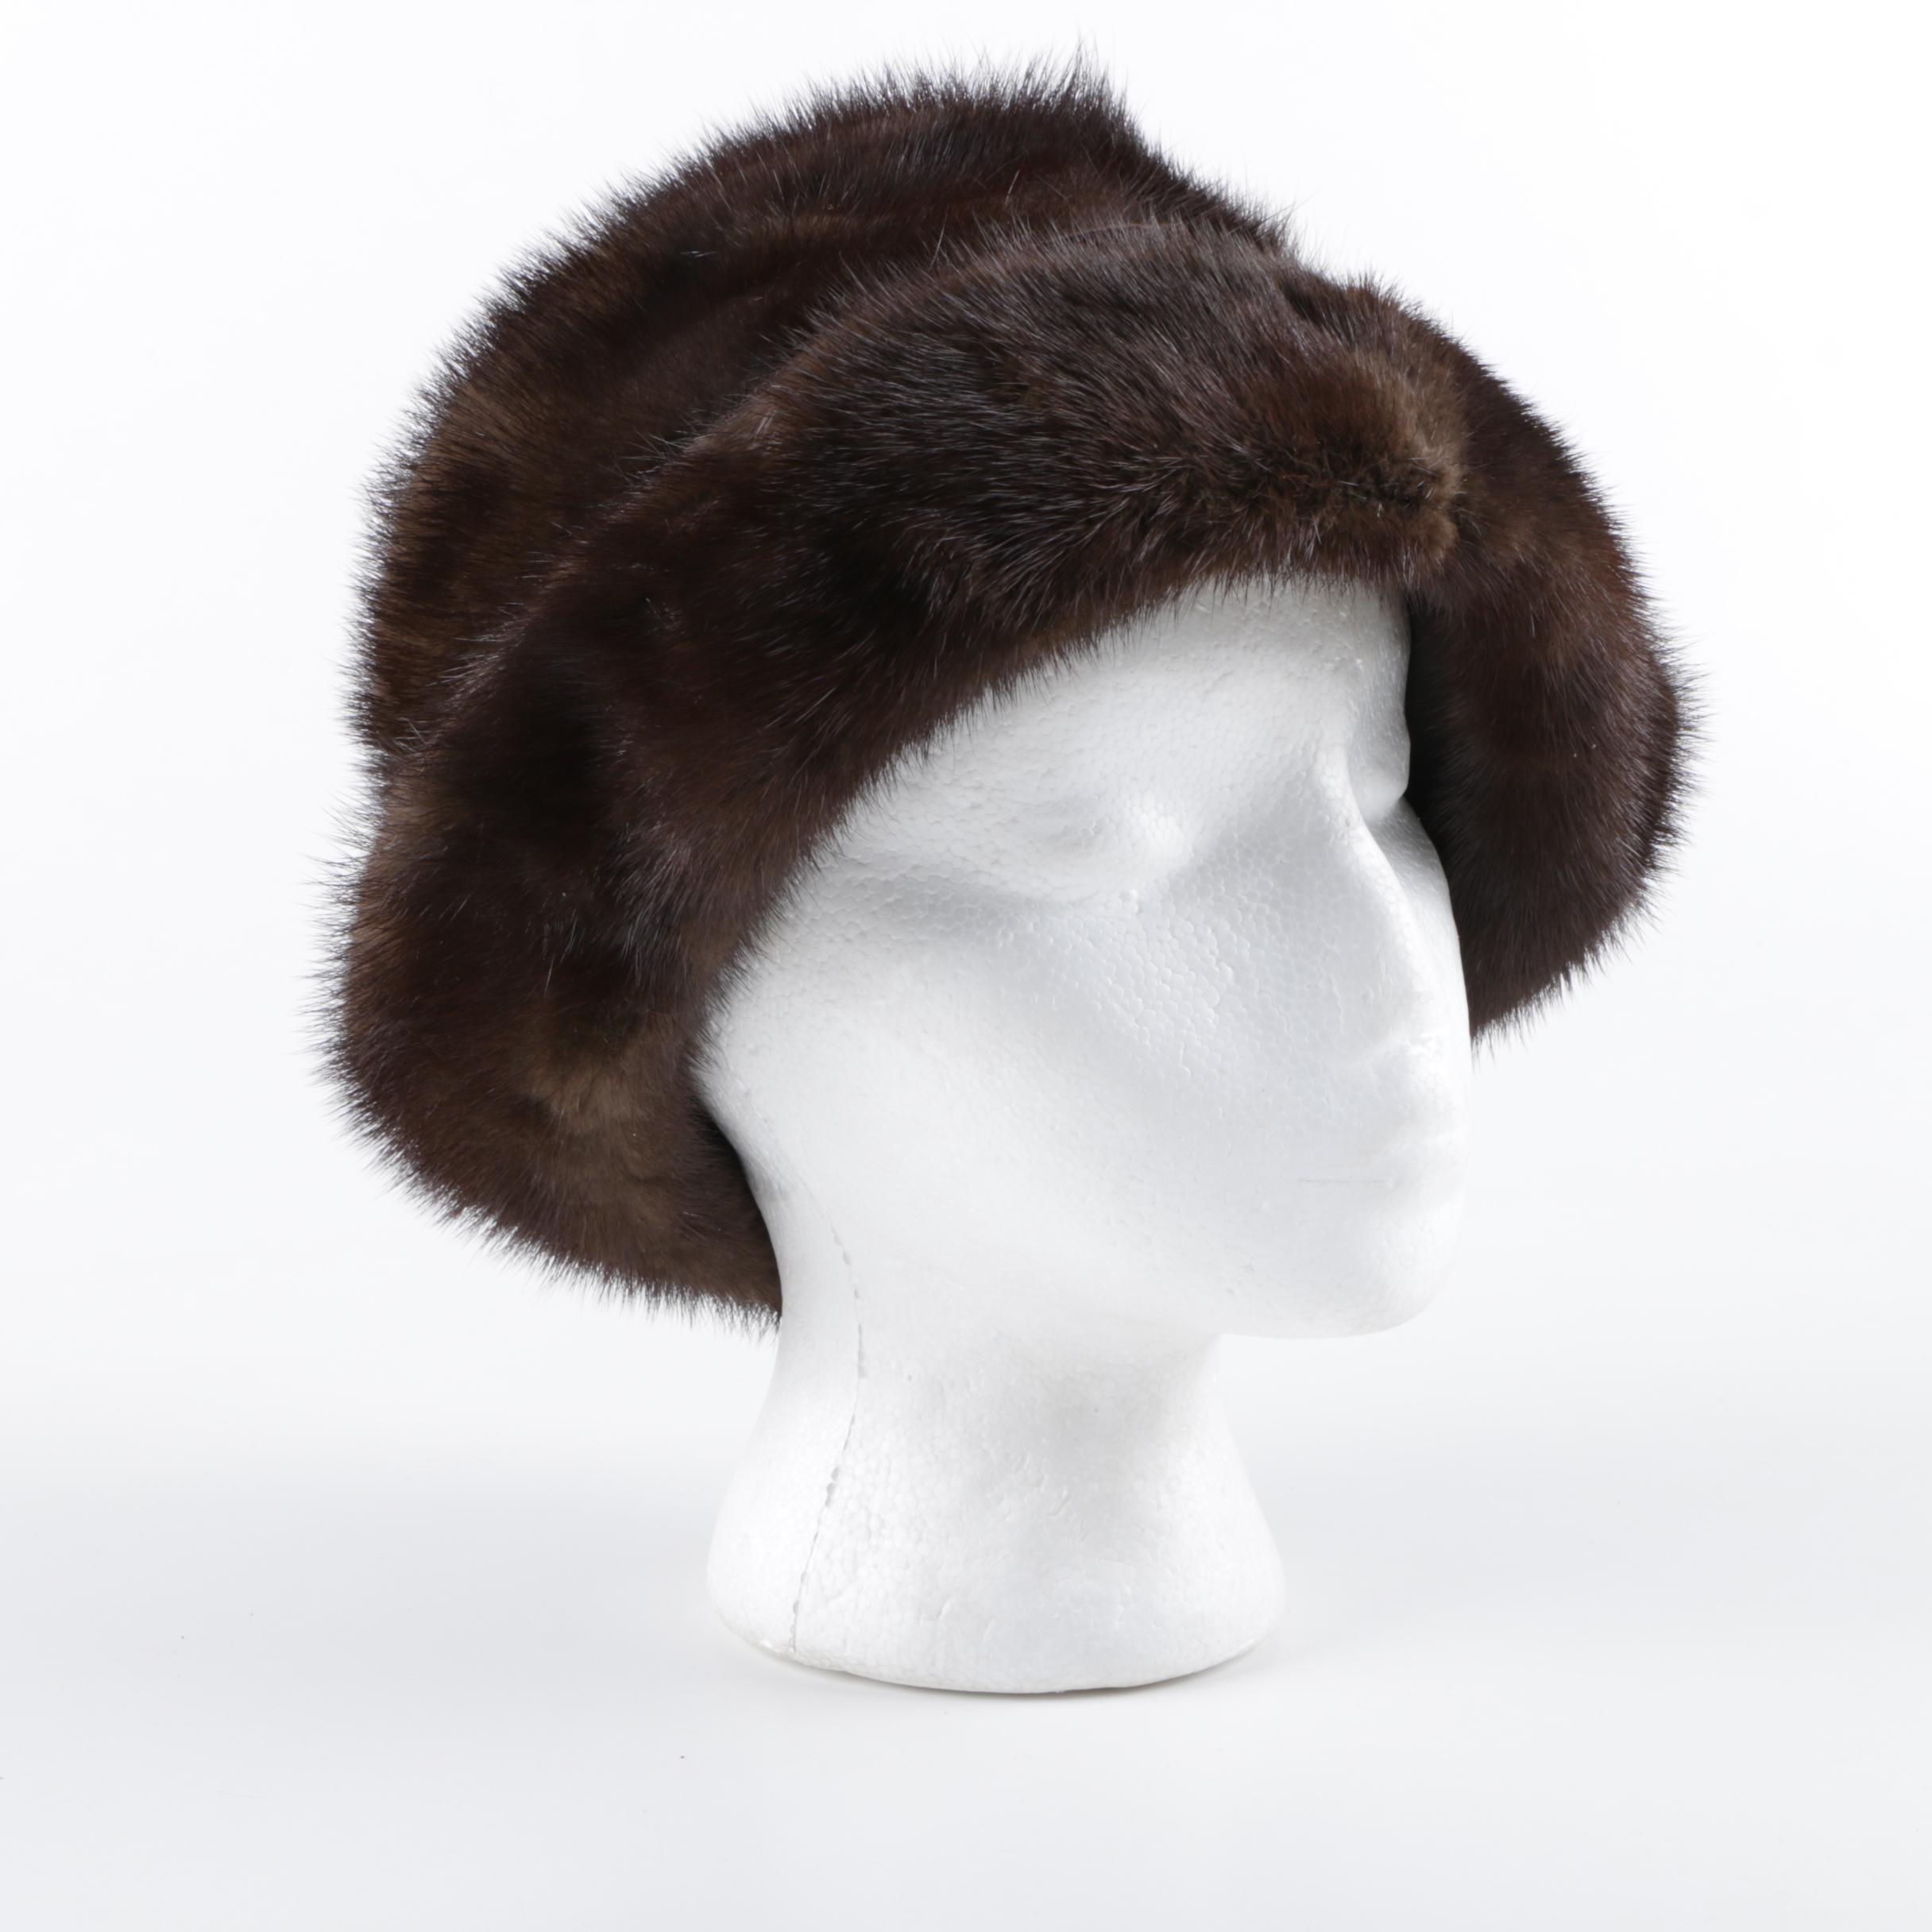 Women's Mink Fur Hat